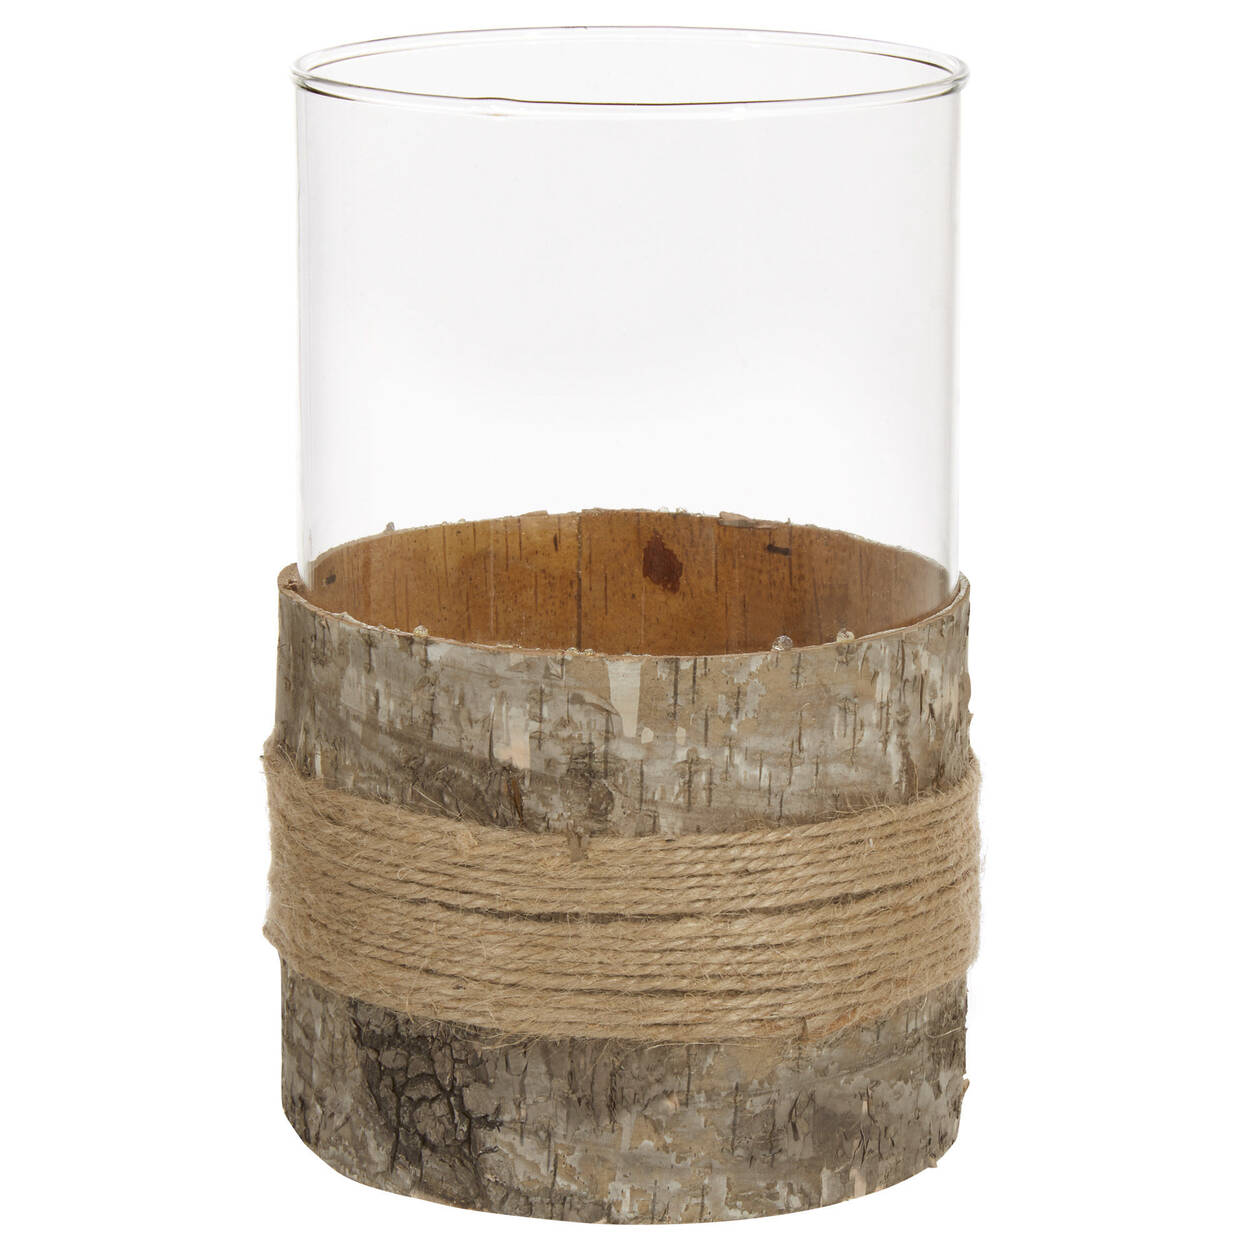 Porte-chandelle en verre et en écorce de bois